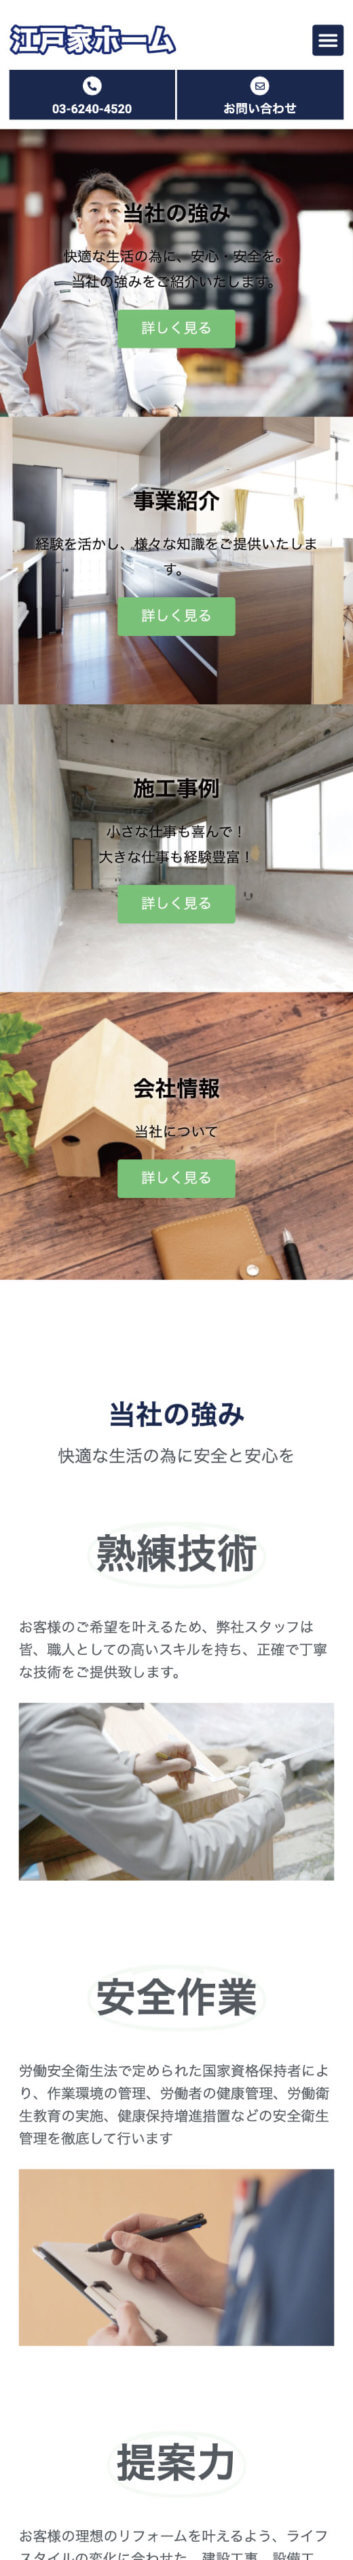 江戸家ホームホームページ、スマホ版